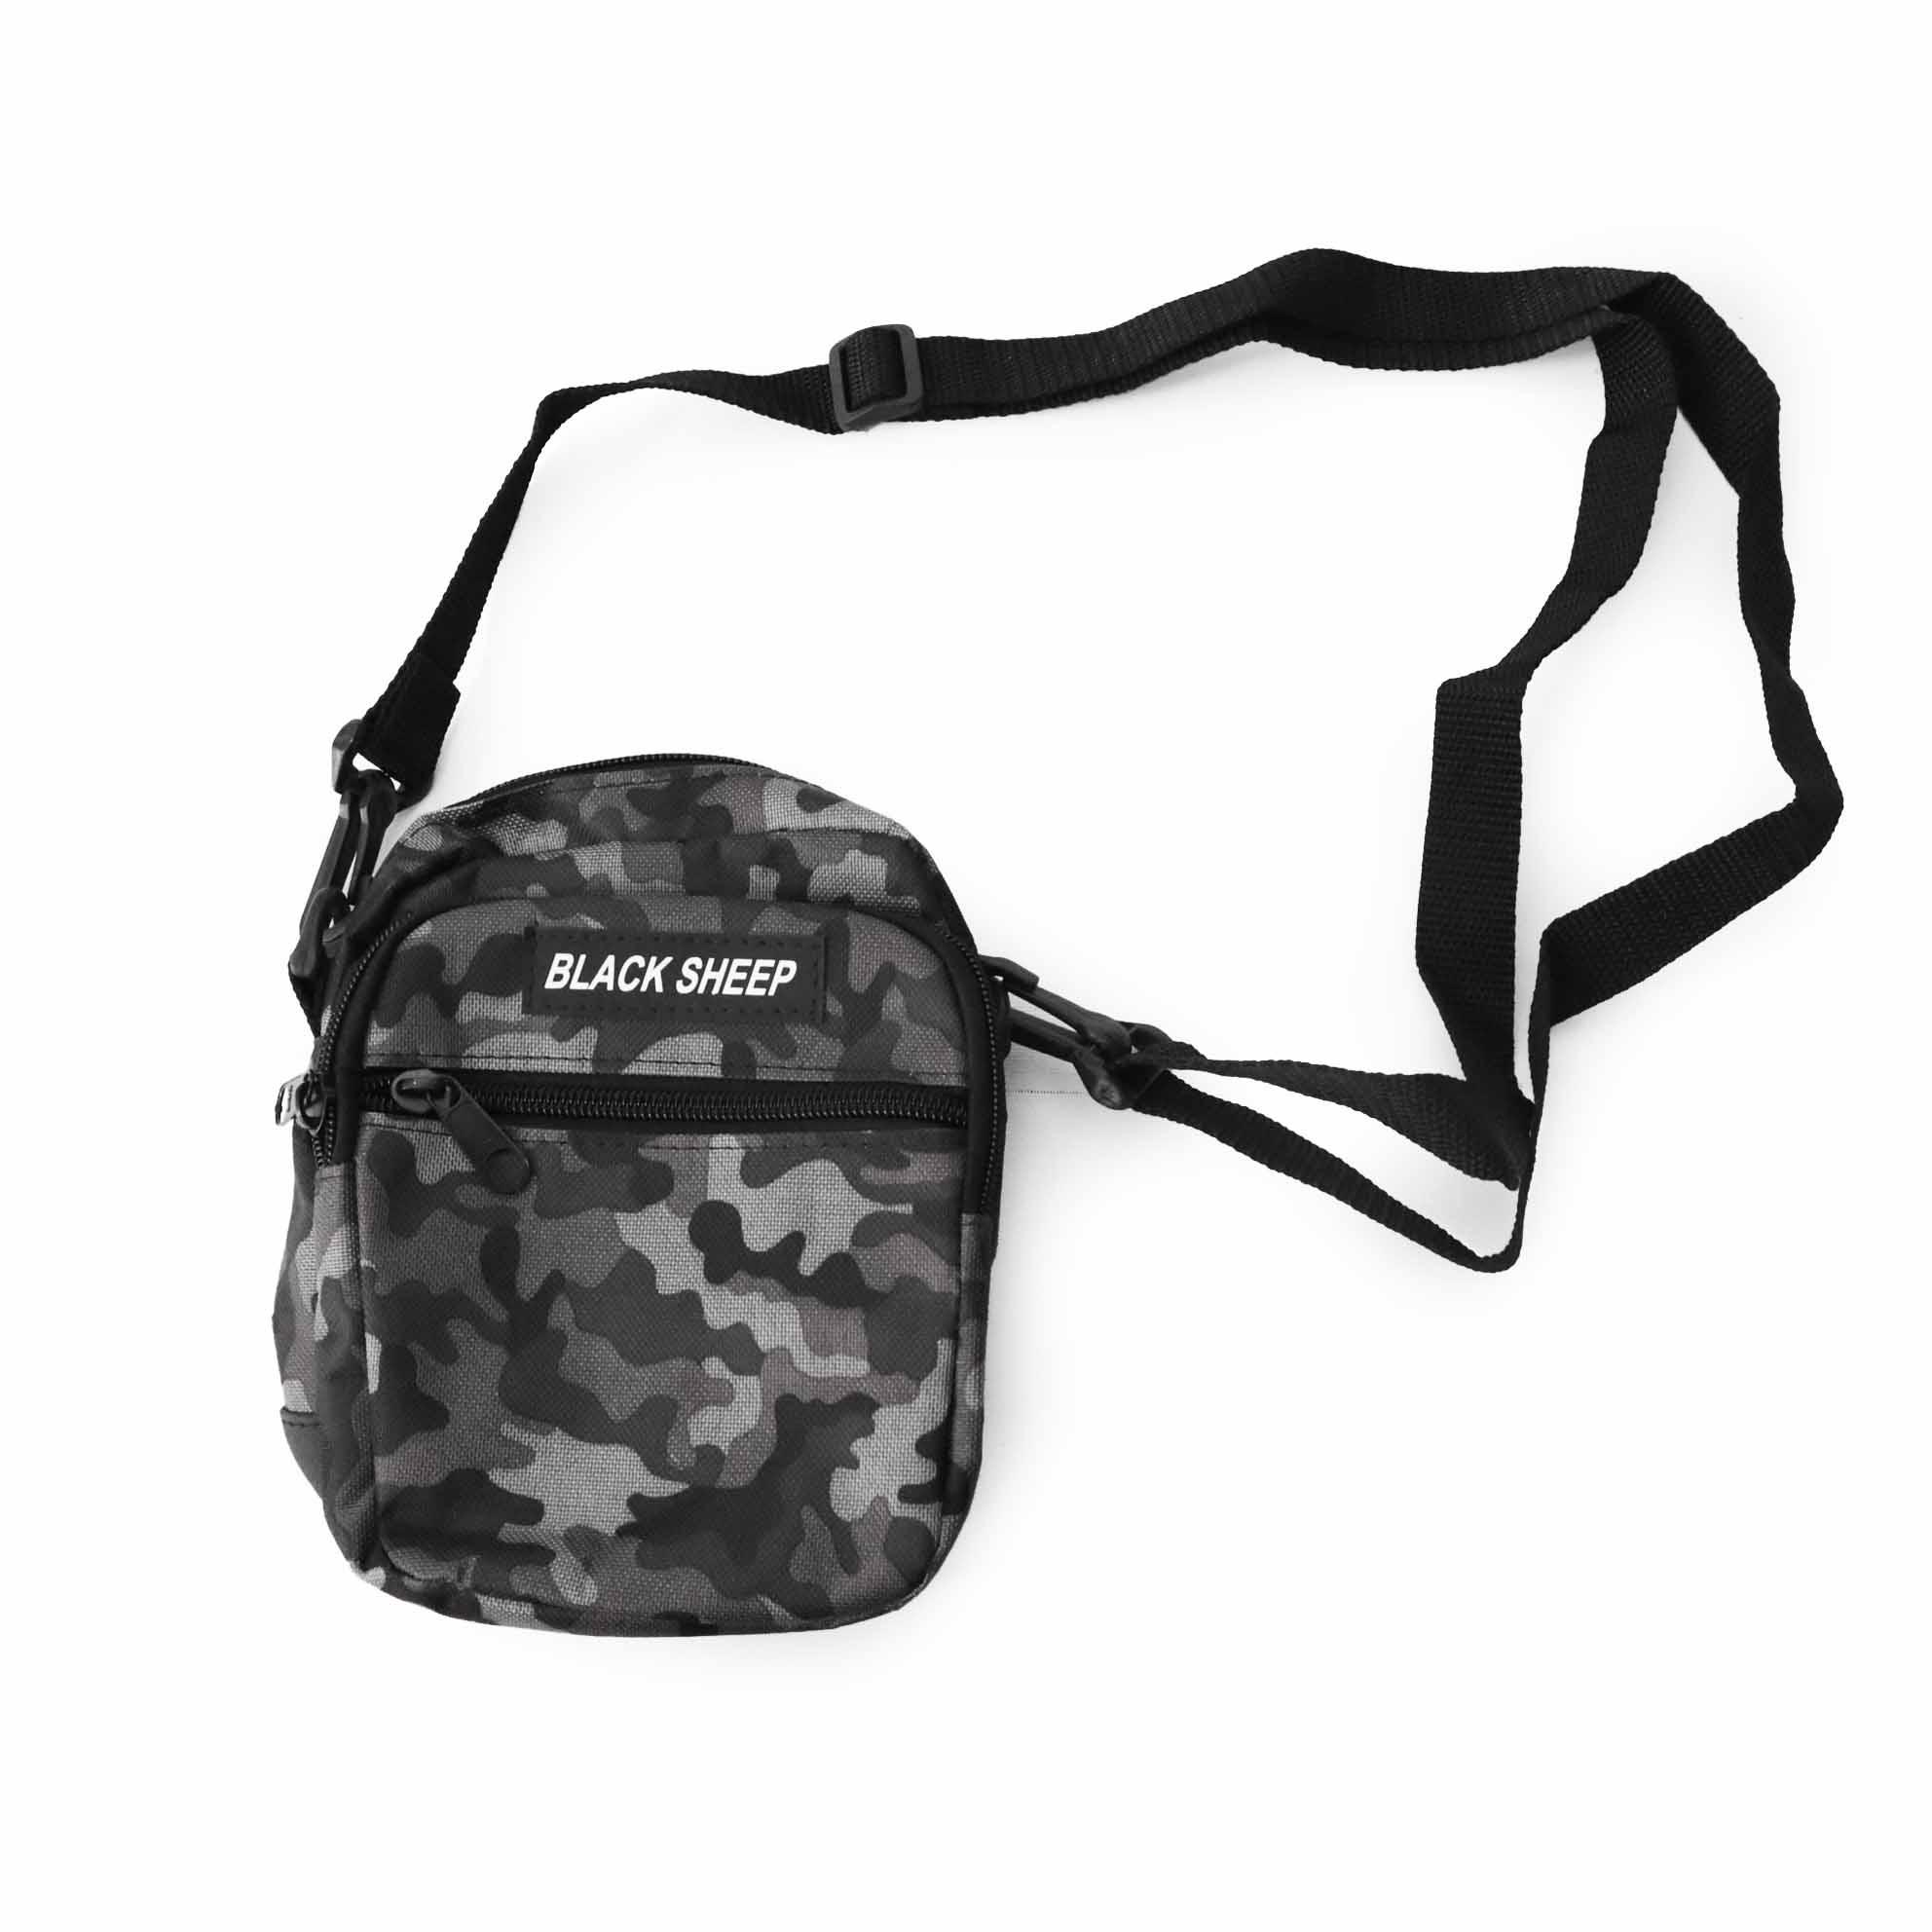 Shoulder Bag Black Sheep - Camuflado Verde/Cinza